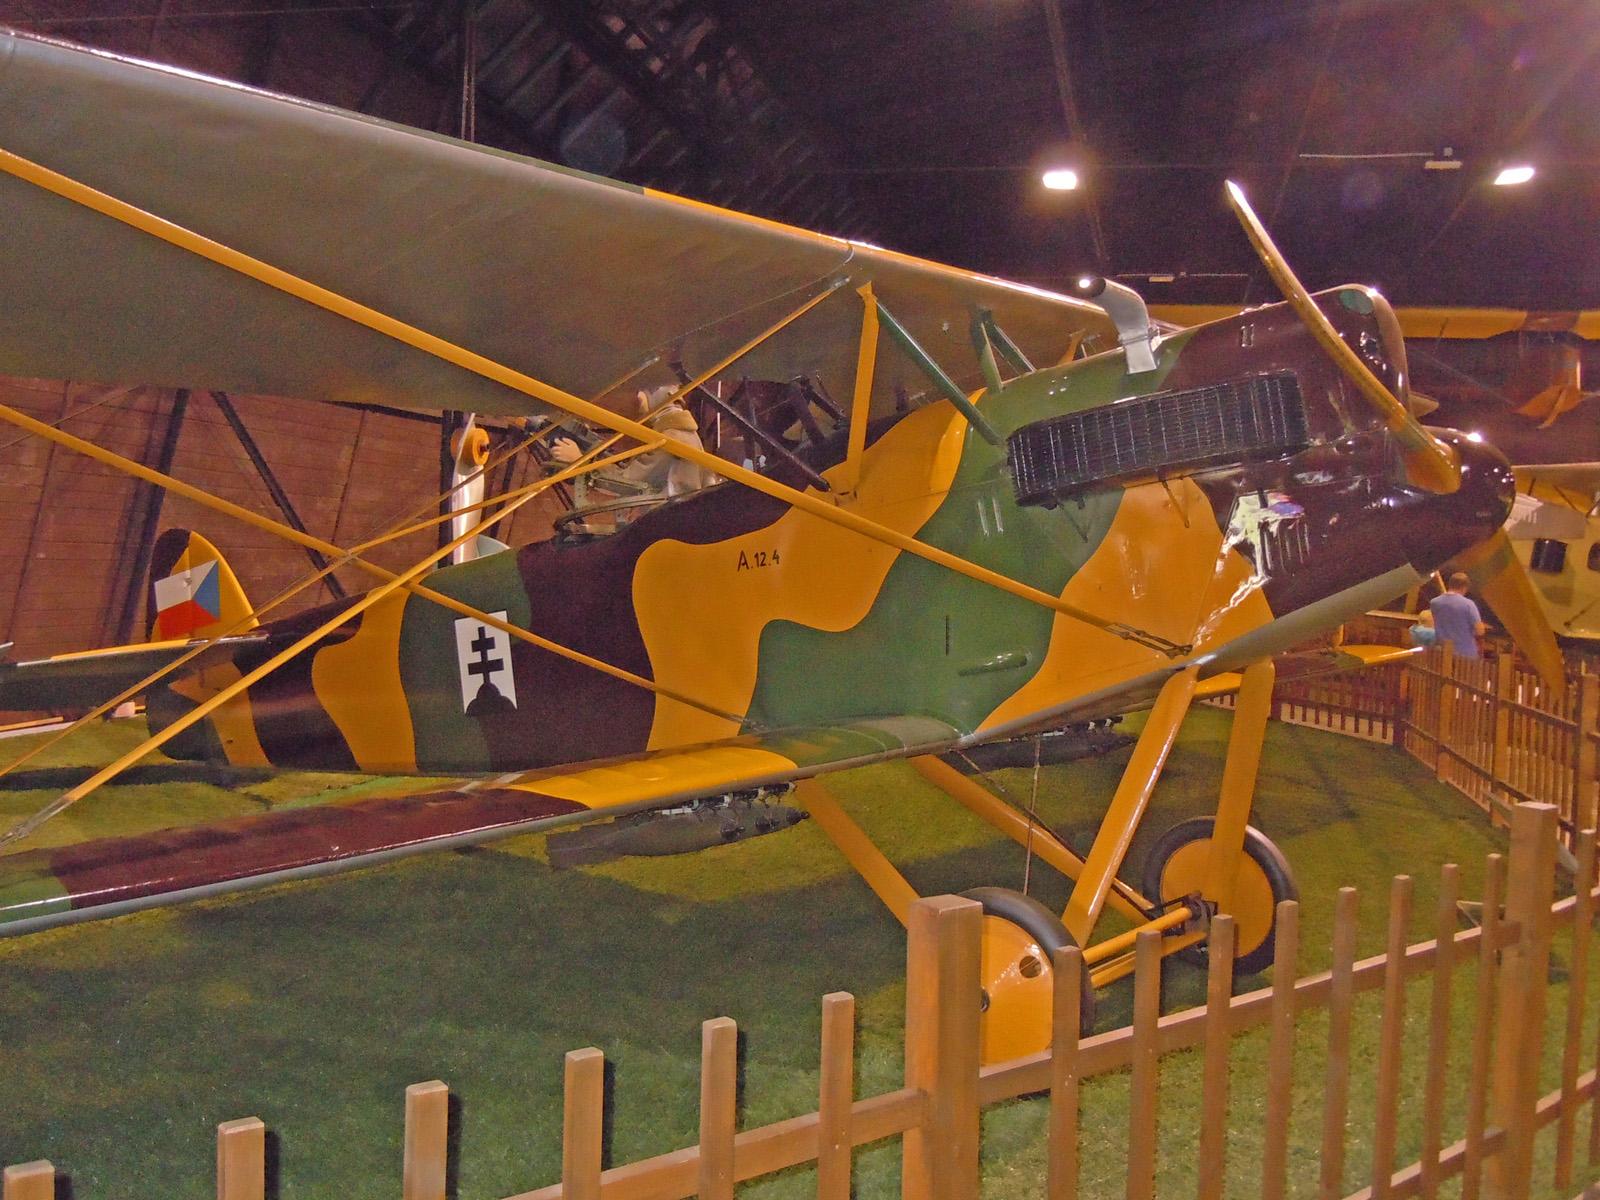 Aero A.12